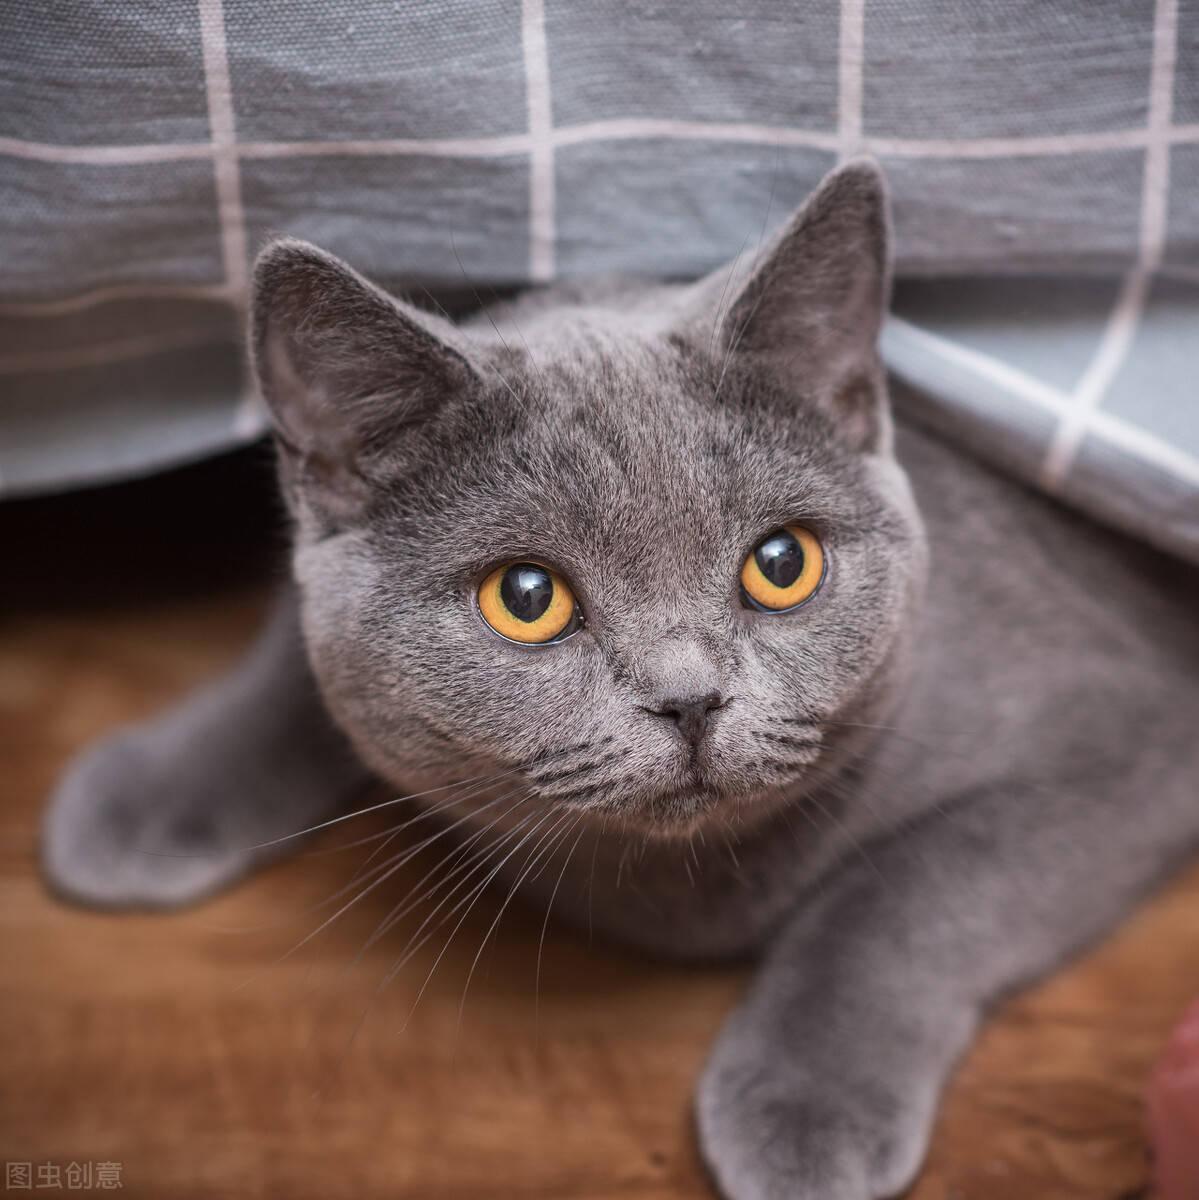 成都共享猫咪9块9租一天惹争议 目前已关门歇业广告已被撕下